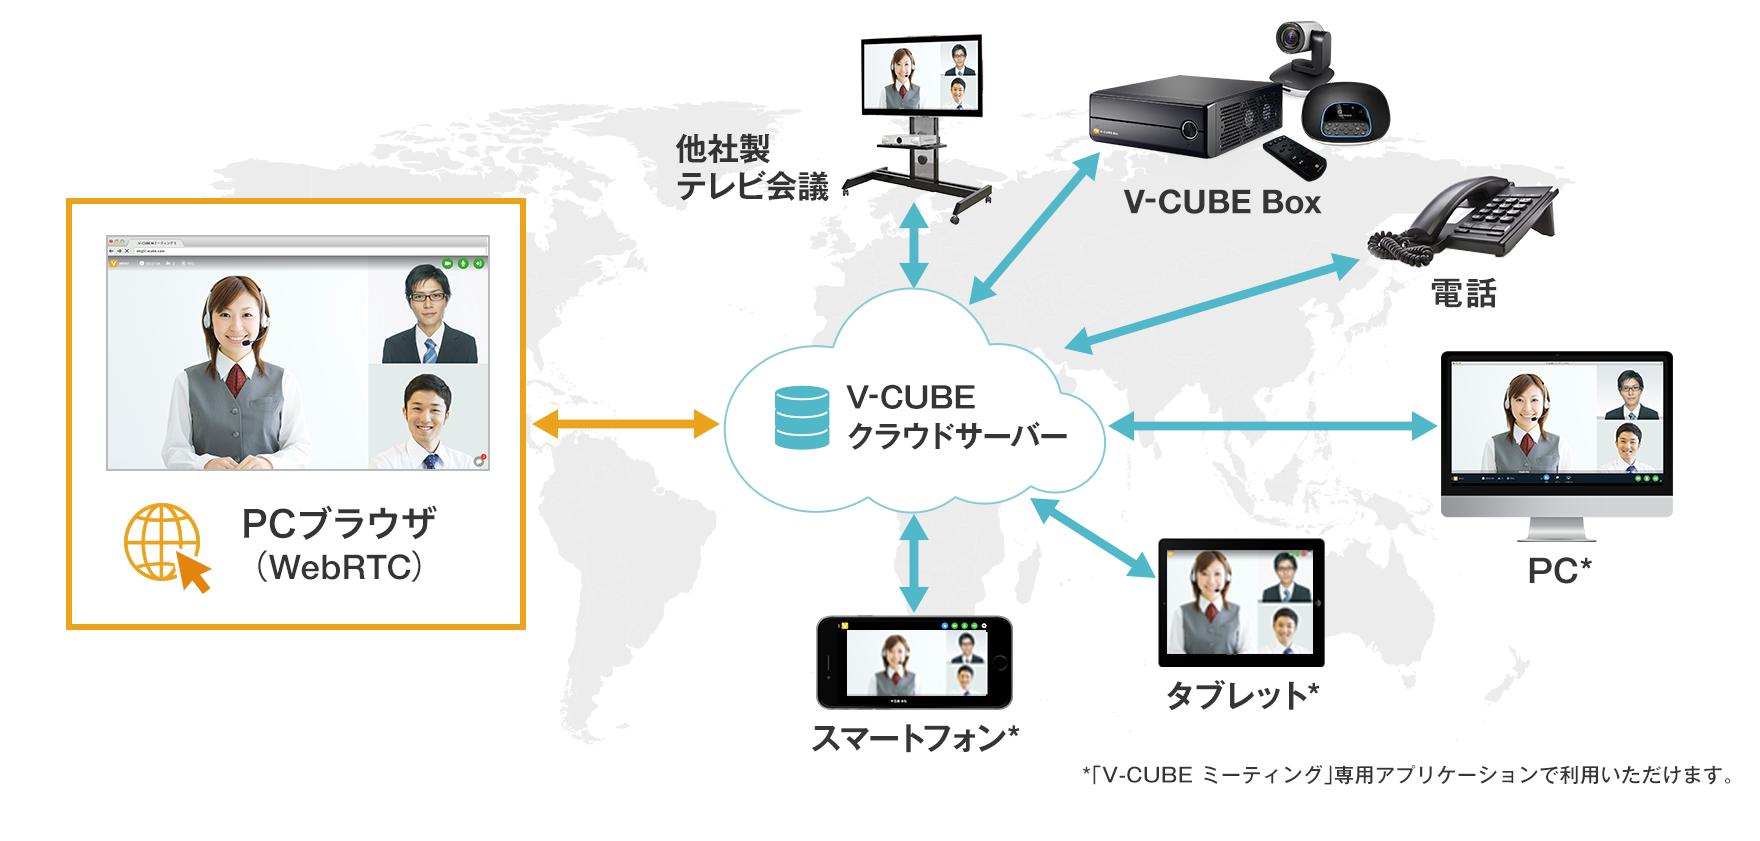 WebRTCに対応したV-CUBE ミーティング 5 のブラウザ版